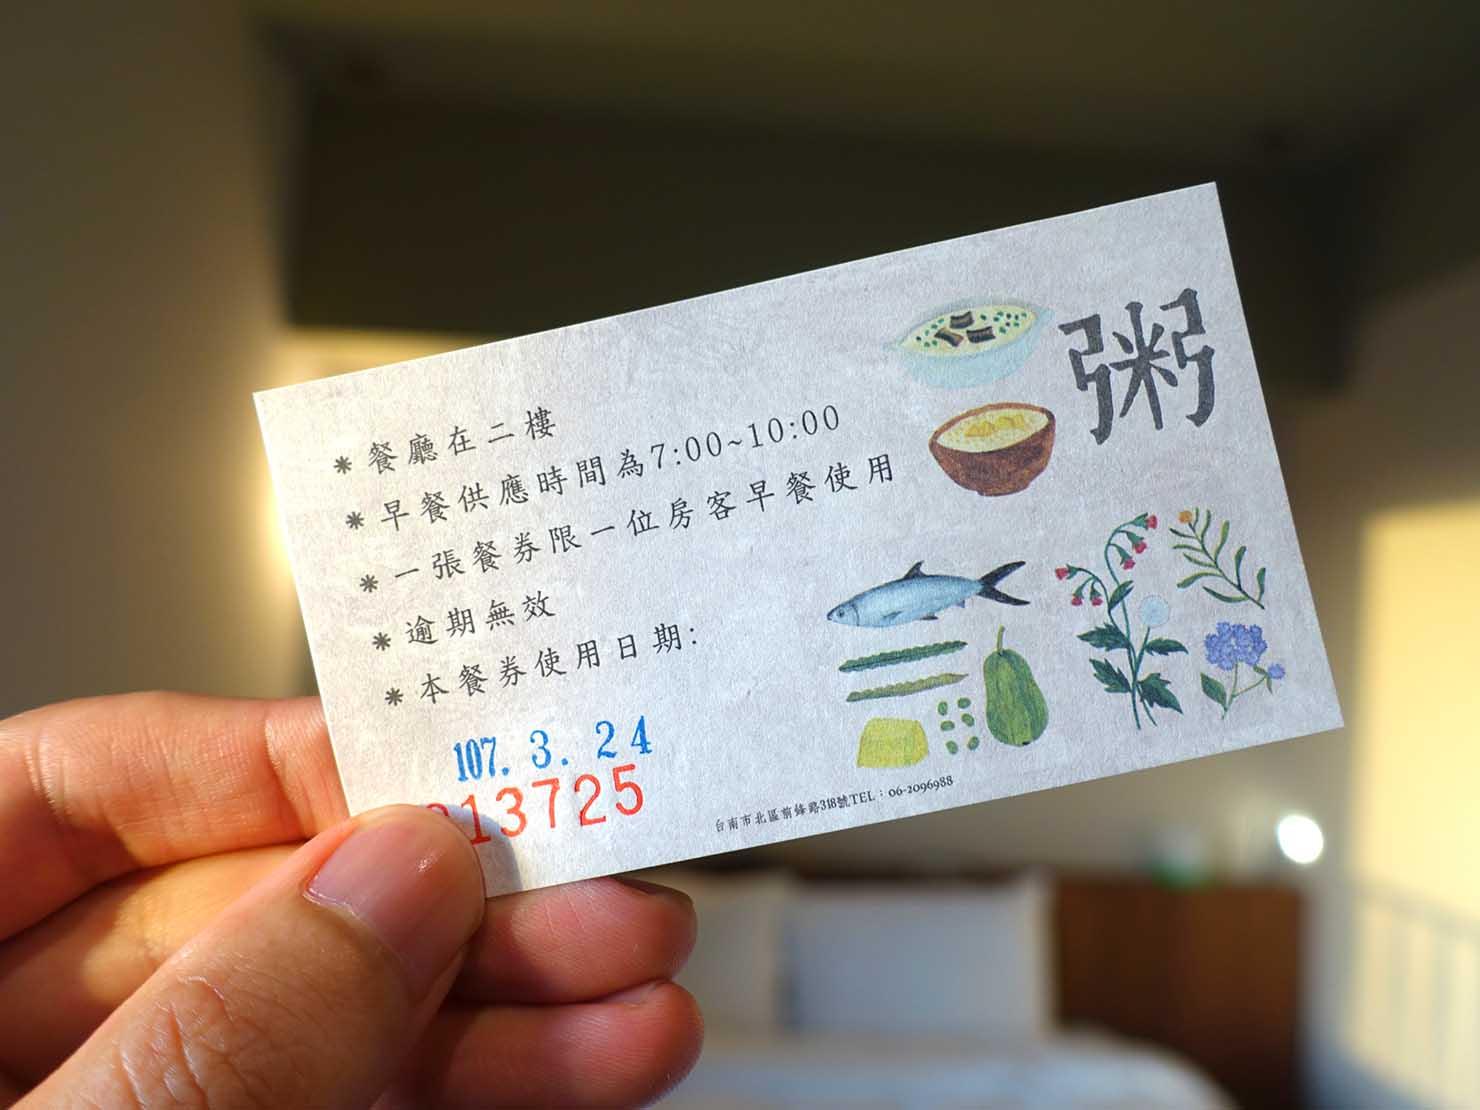 台南駅徒歩10分のかわいいデザインホテル「南方家屋 Old School」の朝食チケット